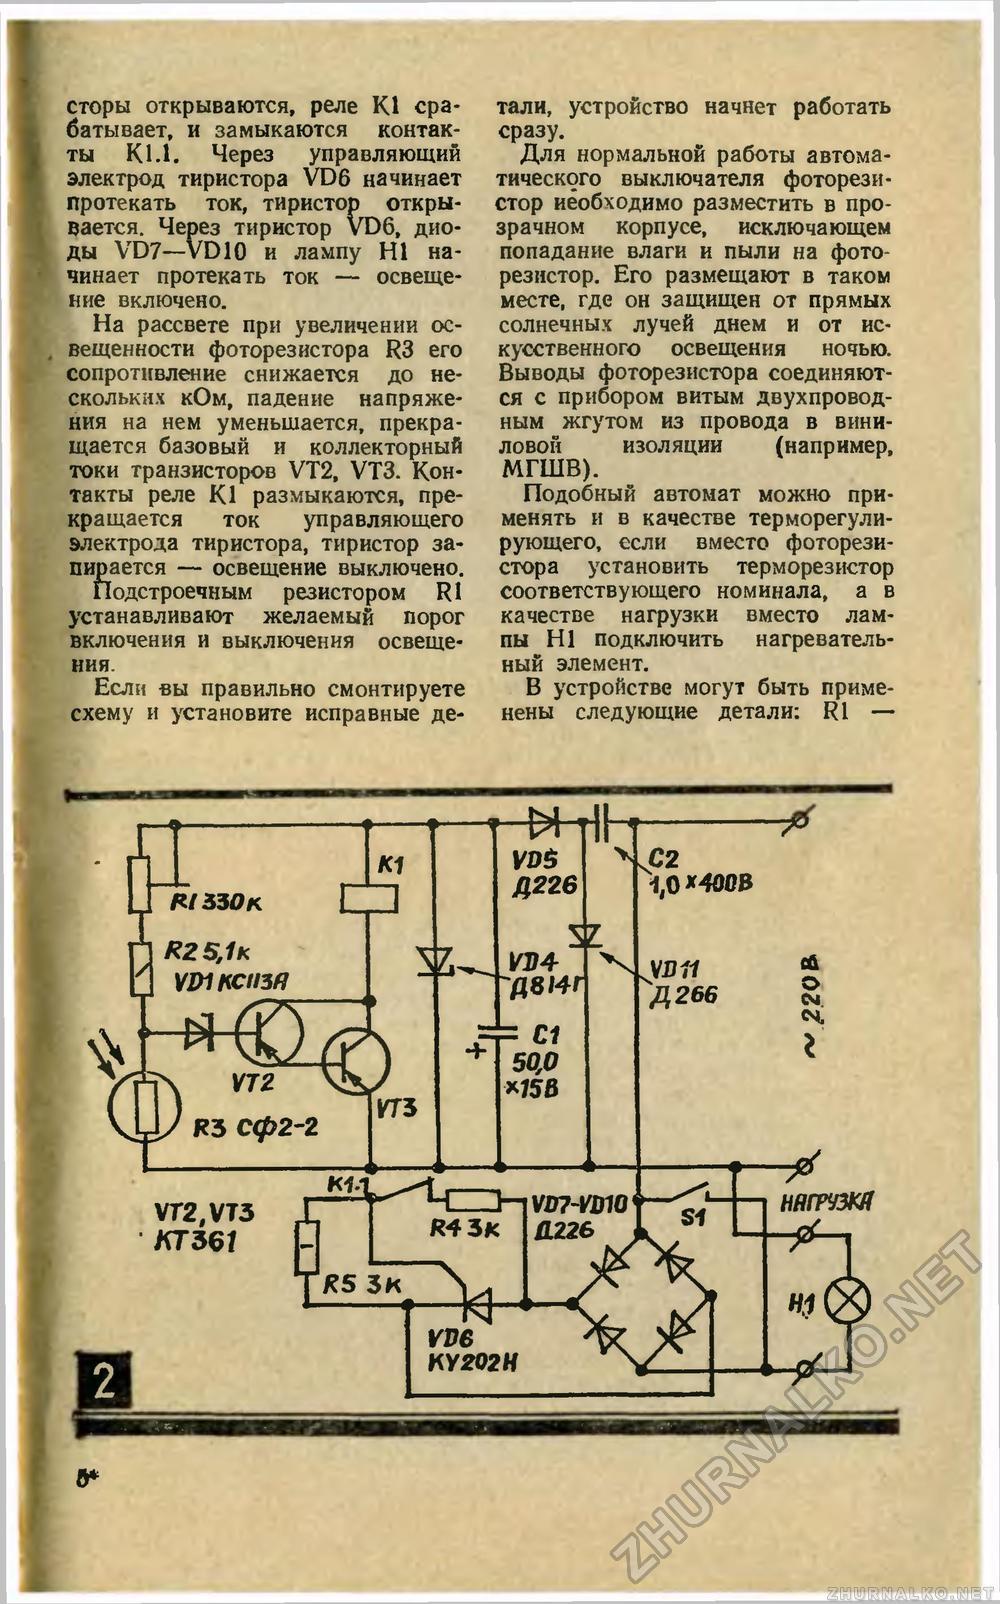 Схемы тиристорного управления двигателя переменного тока